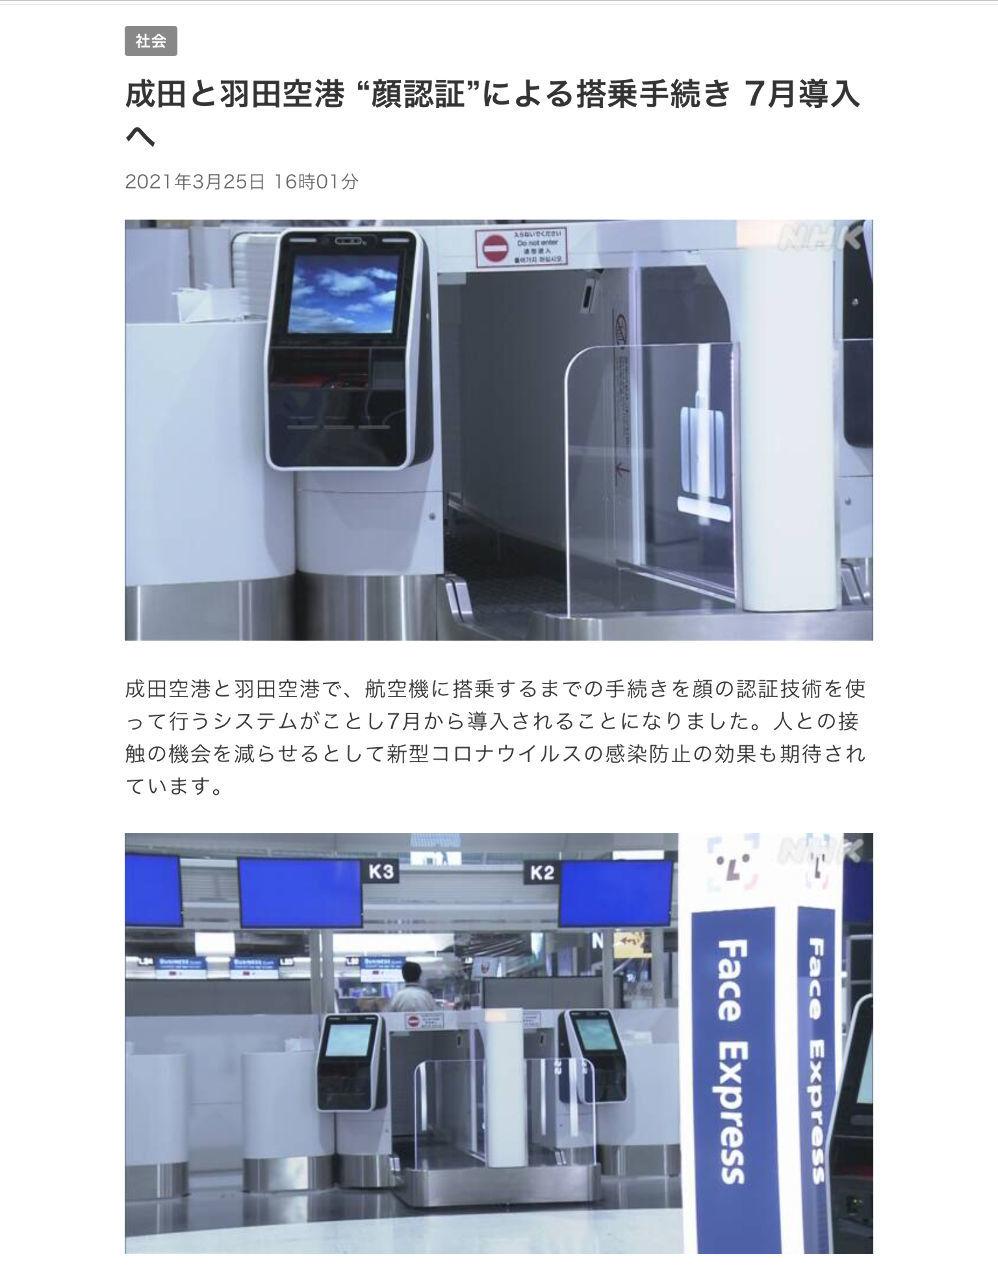 """あめちゃん2 成田と羽田空港 """"顔認証""""による搭乗手続き 7月導入へ 2021年3月25日"""